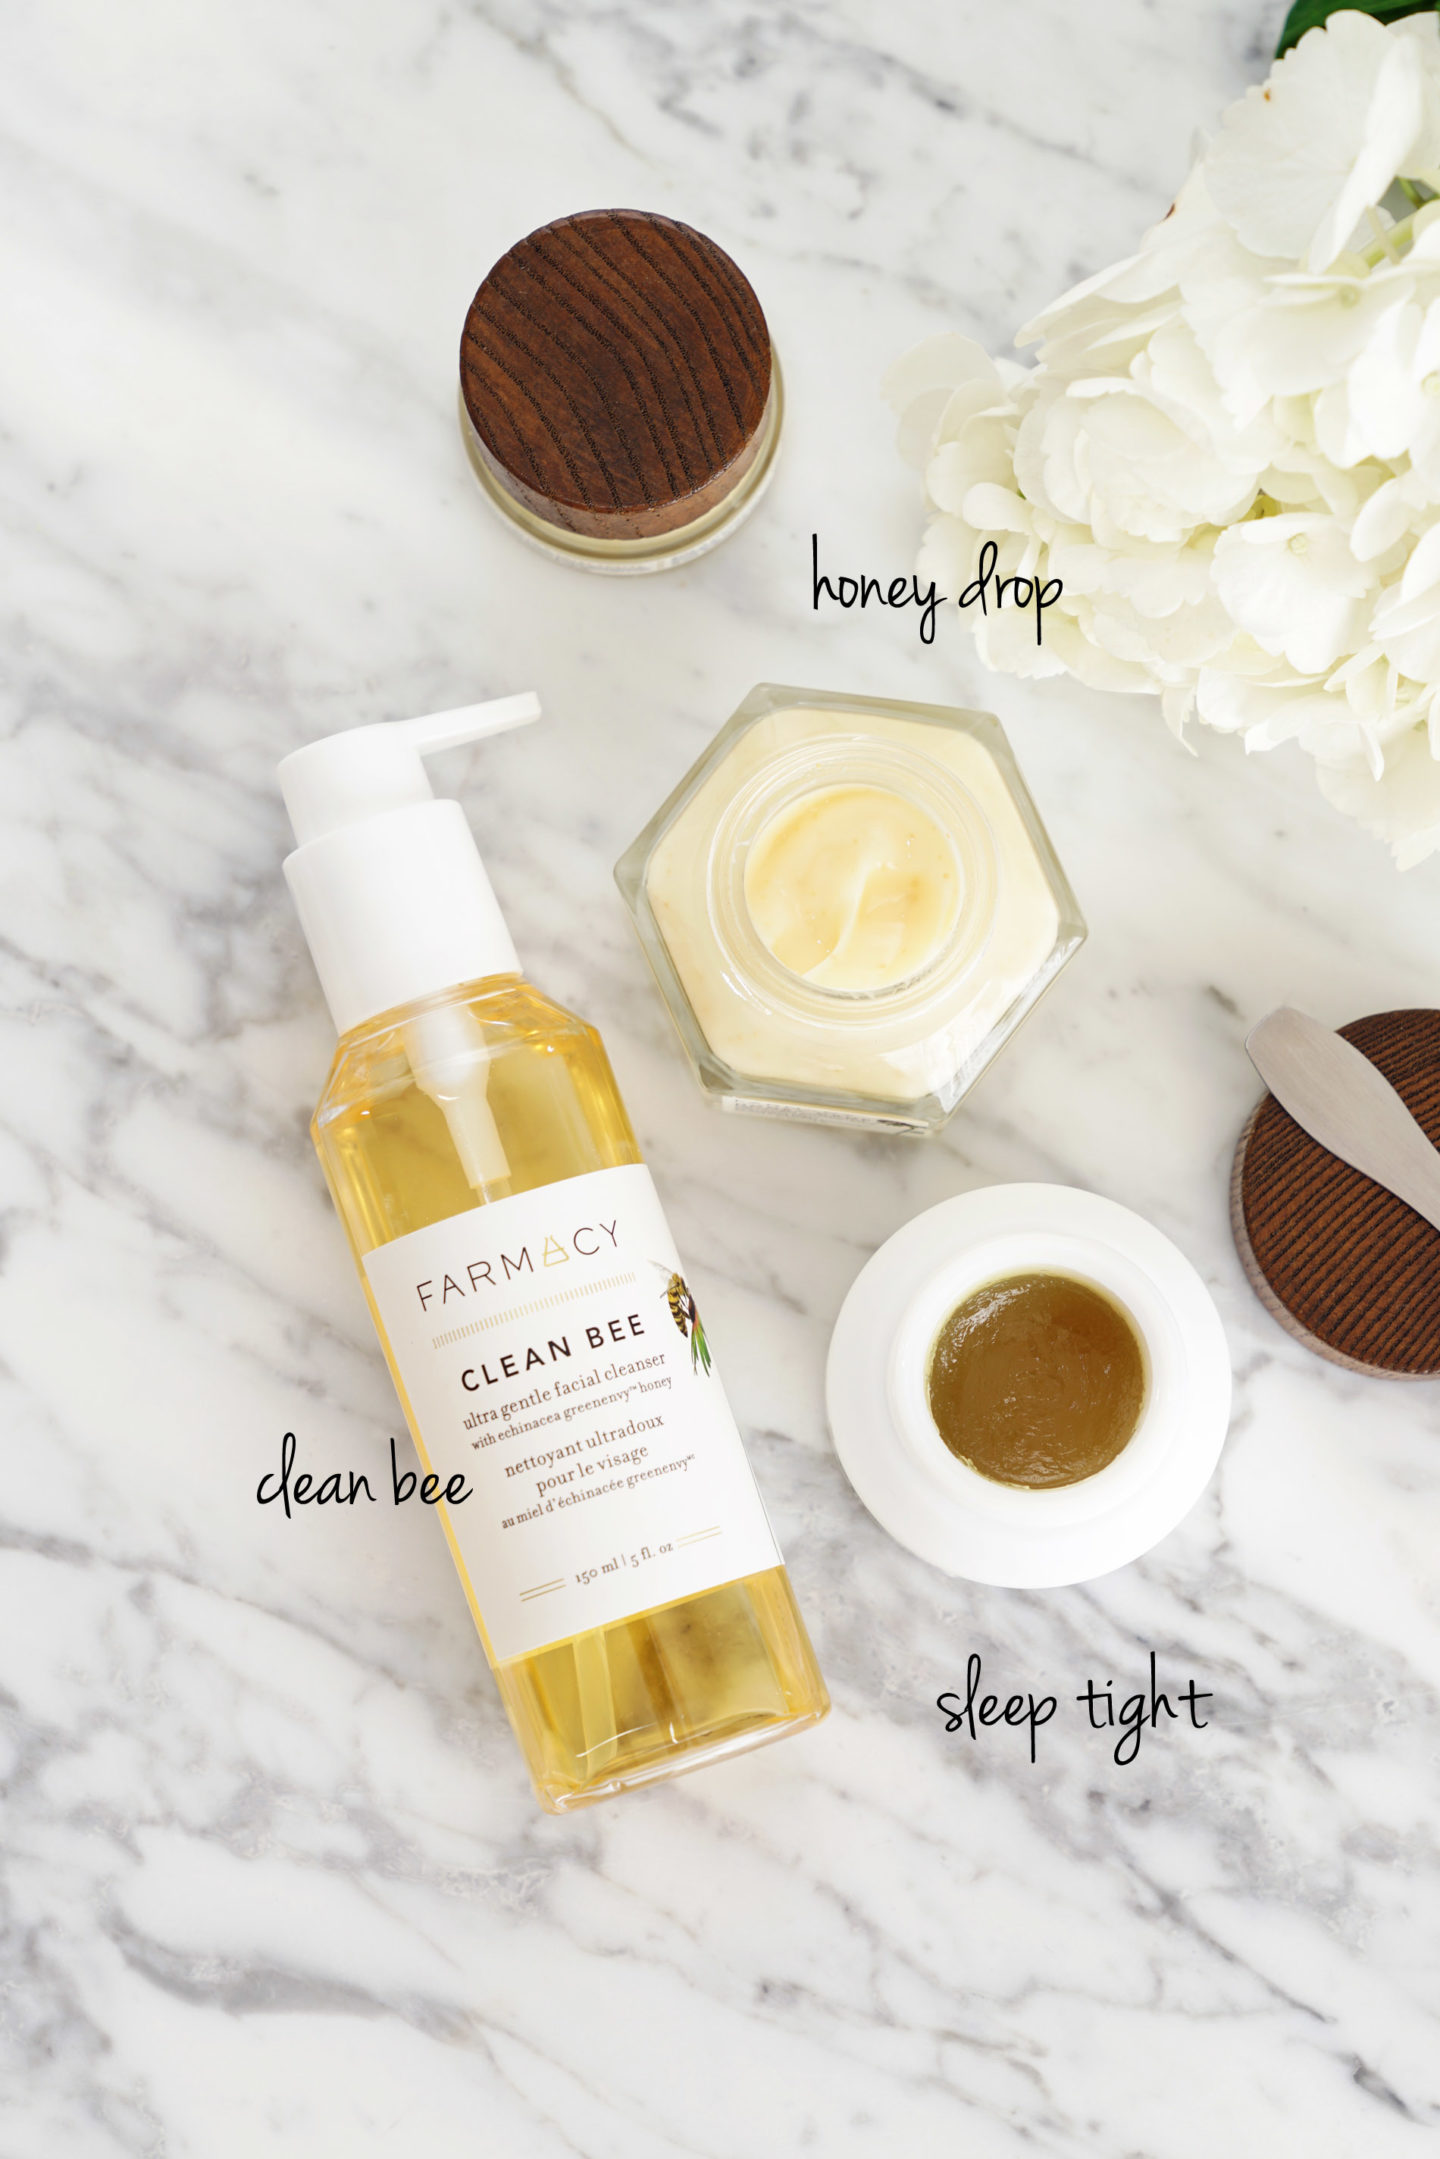 Farma Propre Abeille, Goutte de miel et Dormir bien